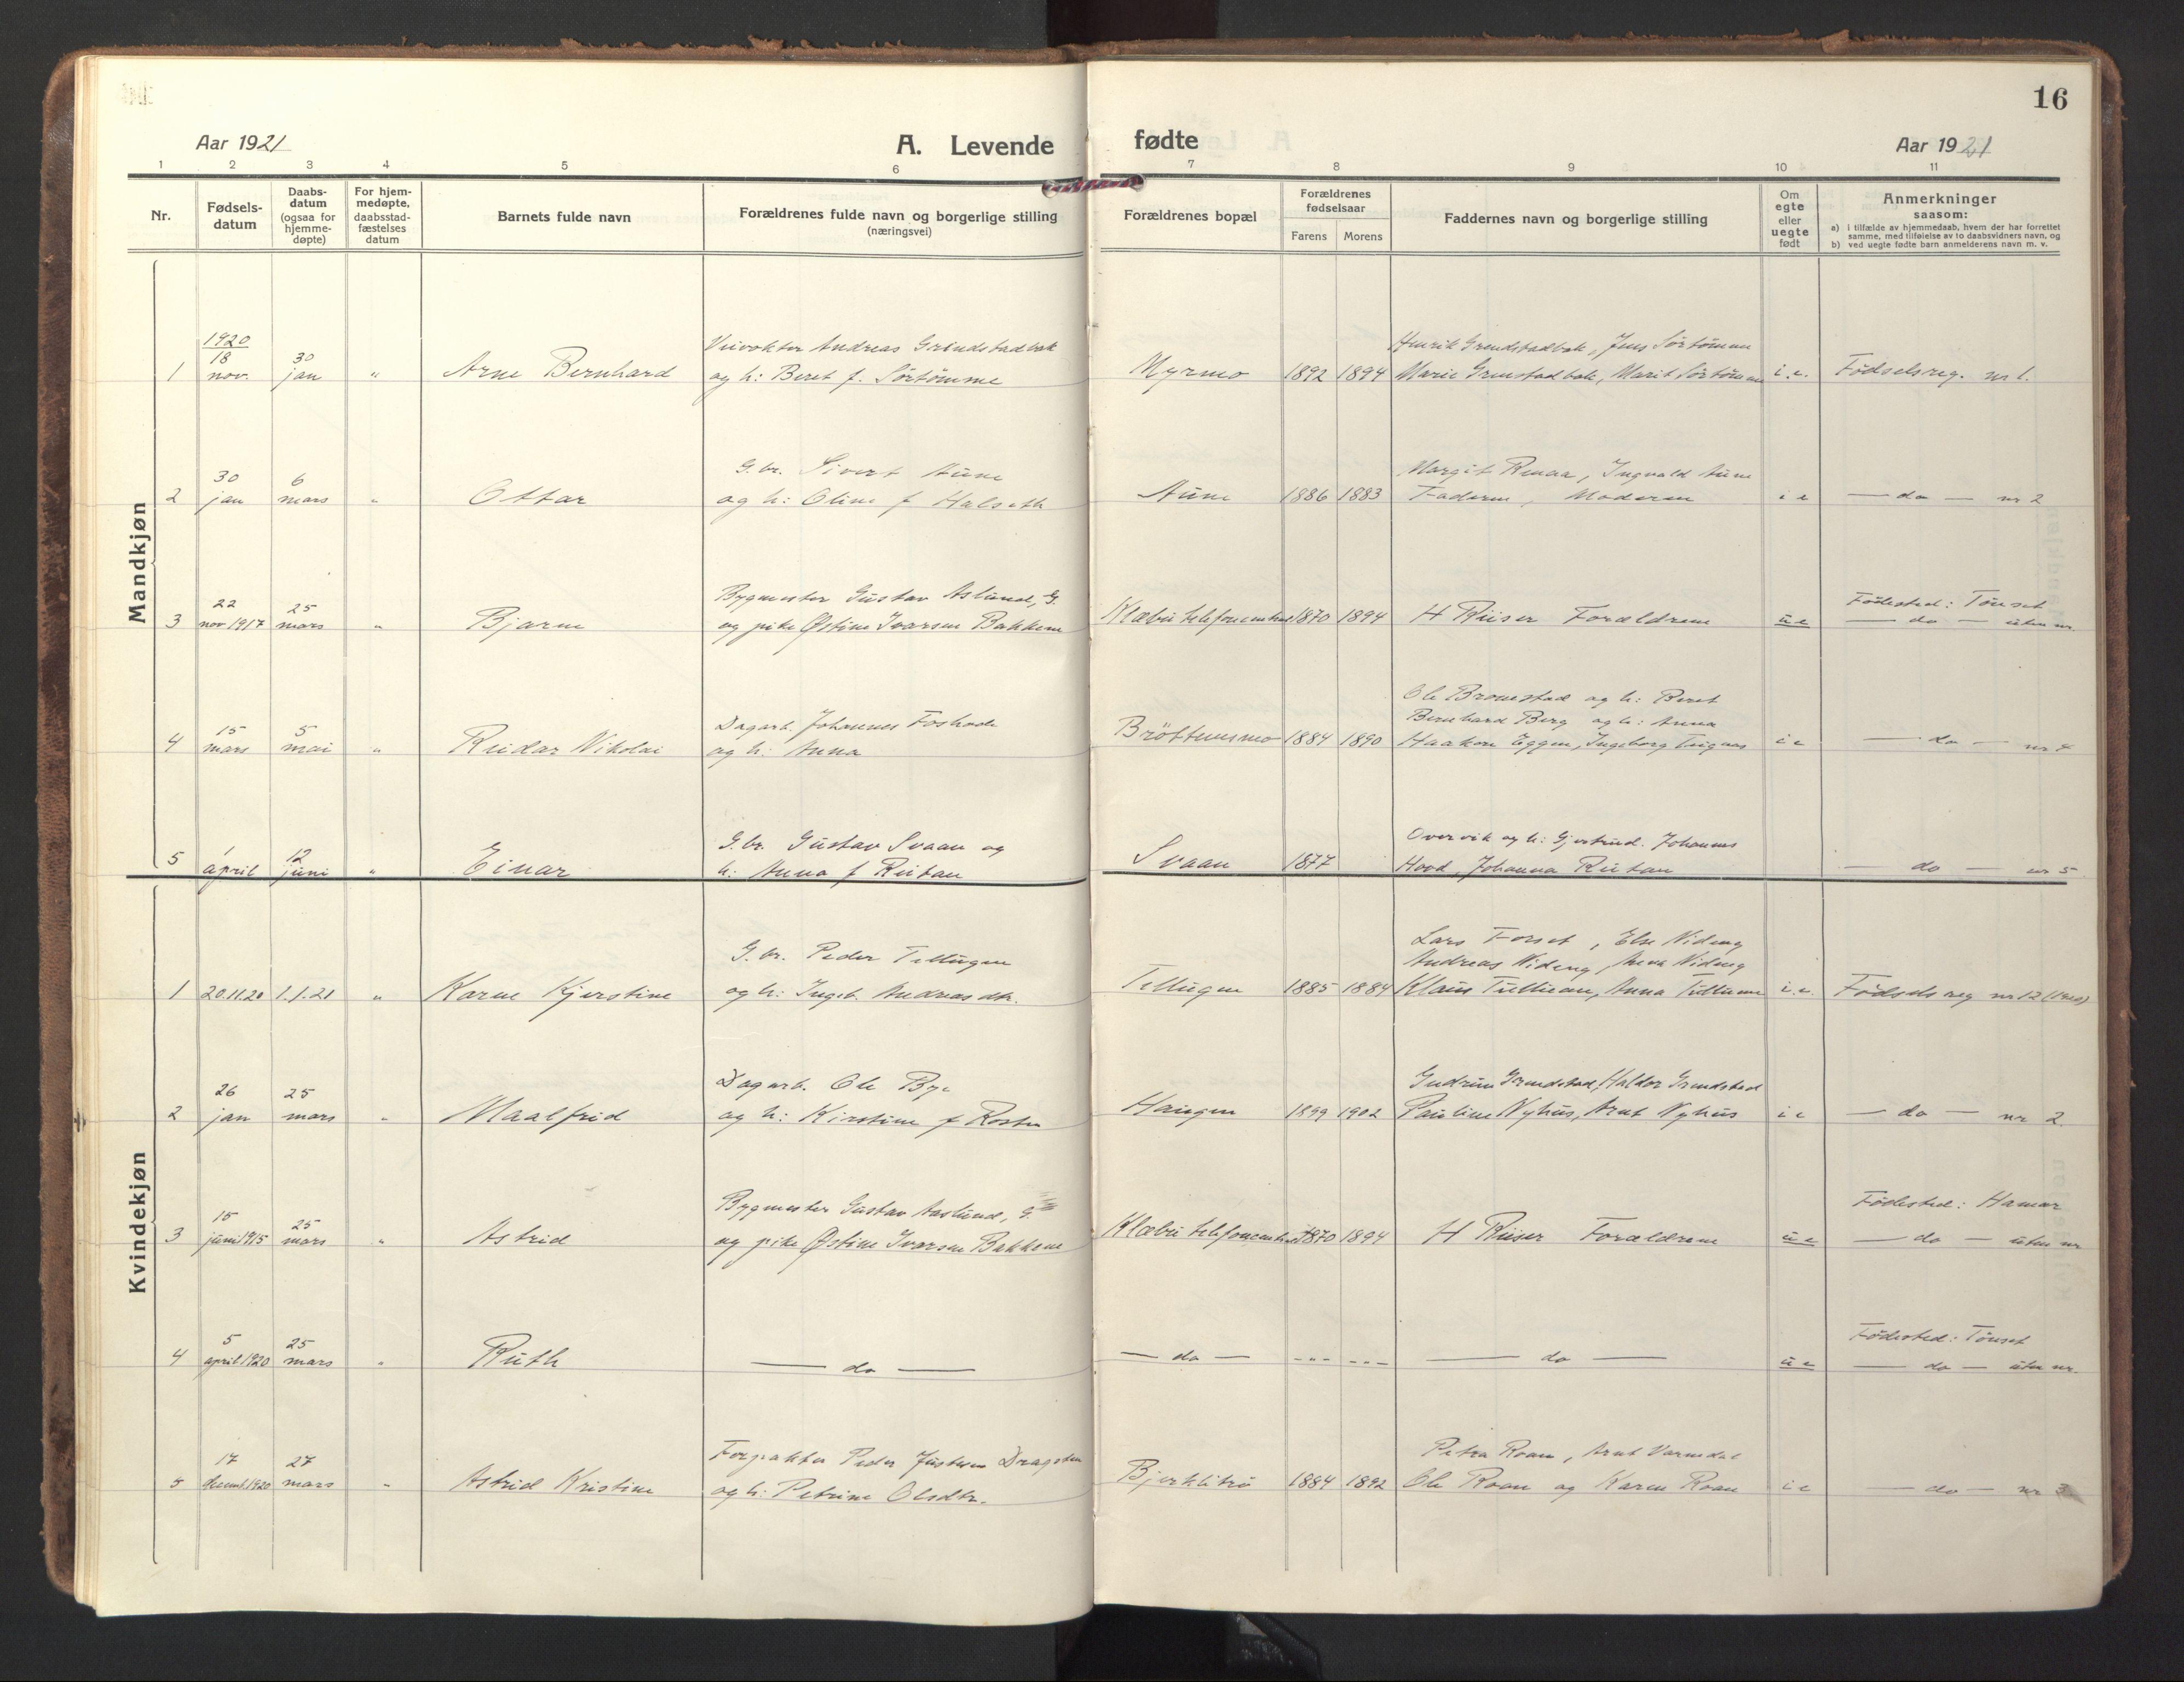 SAT, Ministerialprotokoller, klokkerbøker og fødselsregistre - Sør-Trøndelag, 618/L0449: Ministerialbok nr. 618A12, 1917-1924, s. 16